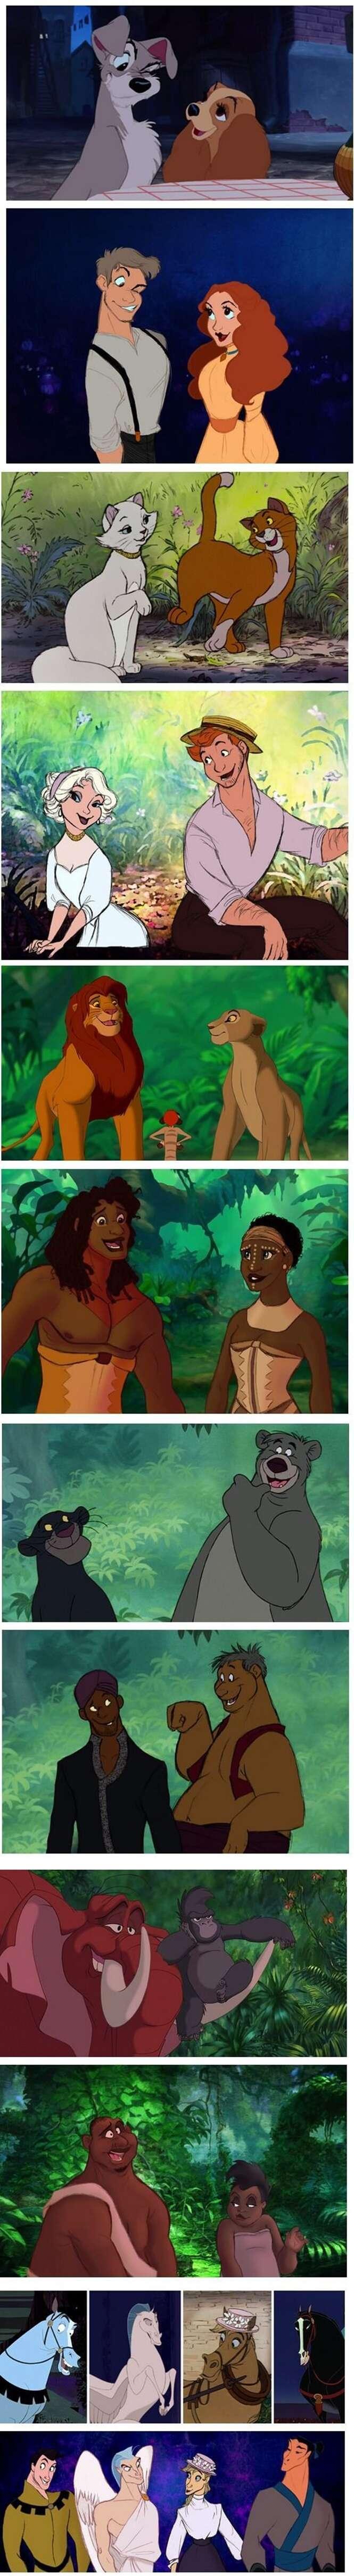 Como seriam os animais da Disney se fossem humanos?